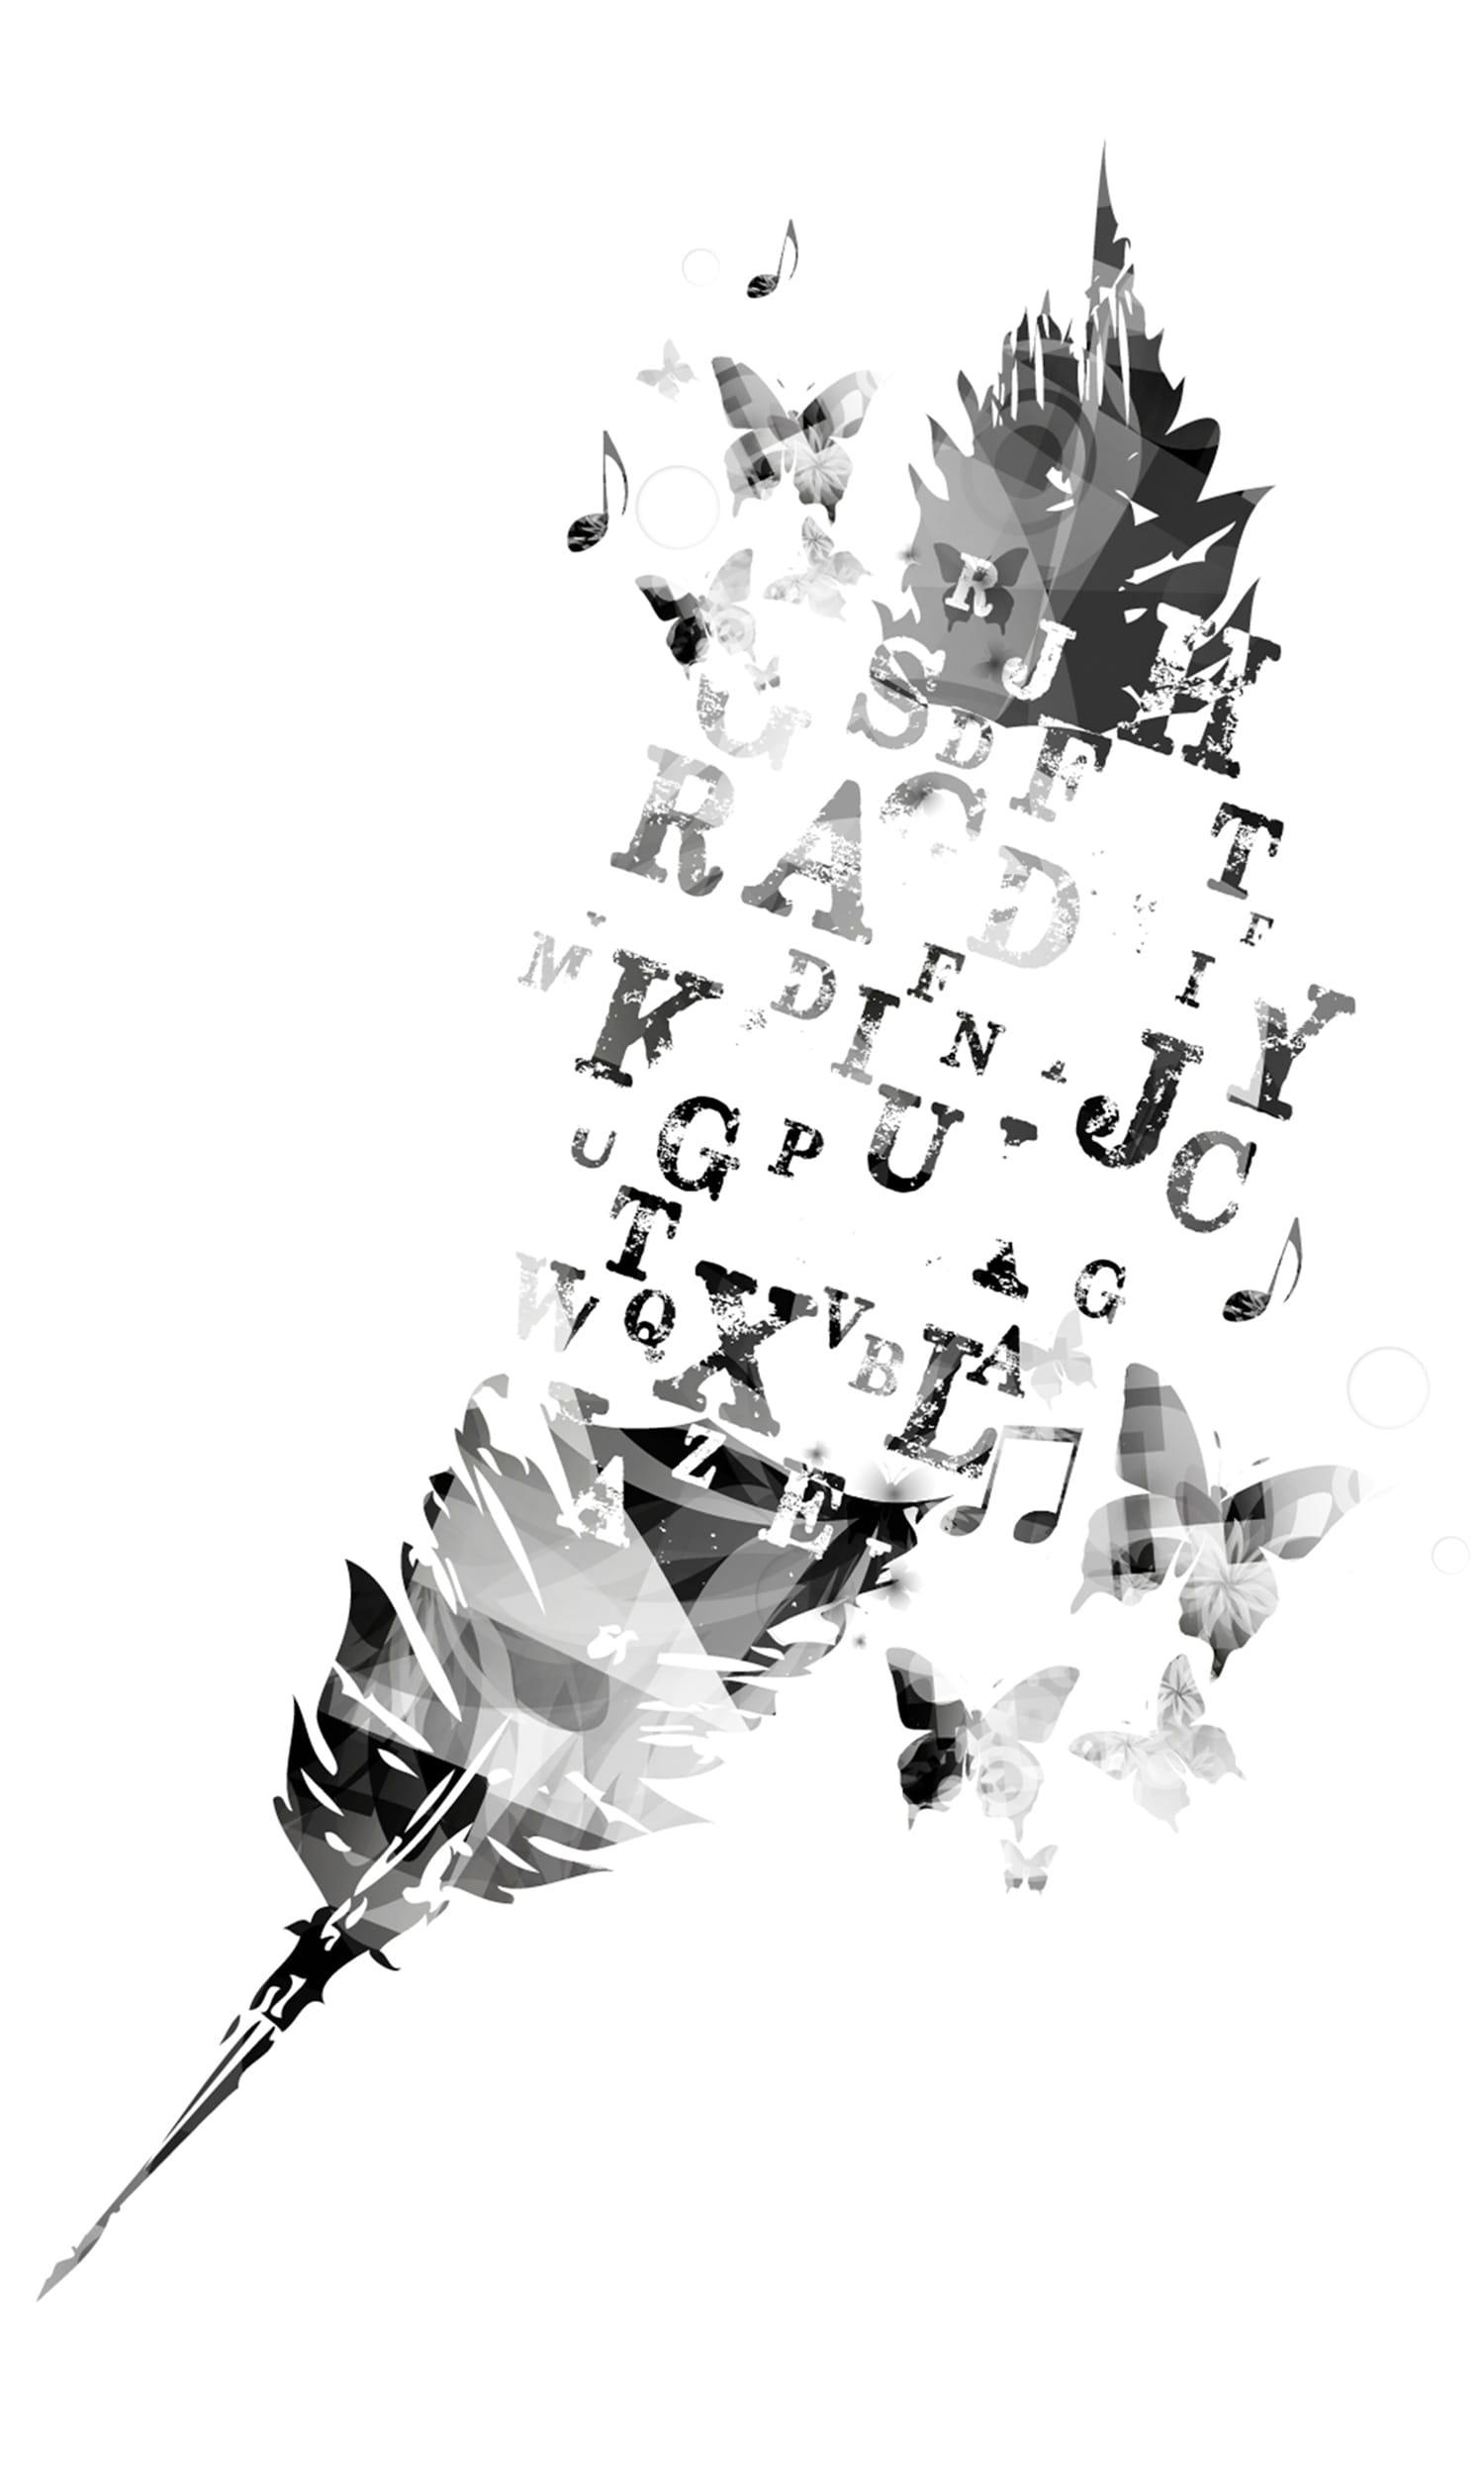 kreative-texte-schreiben-fremde-feder